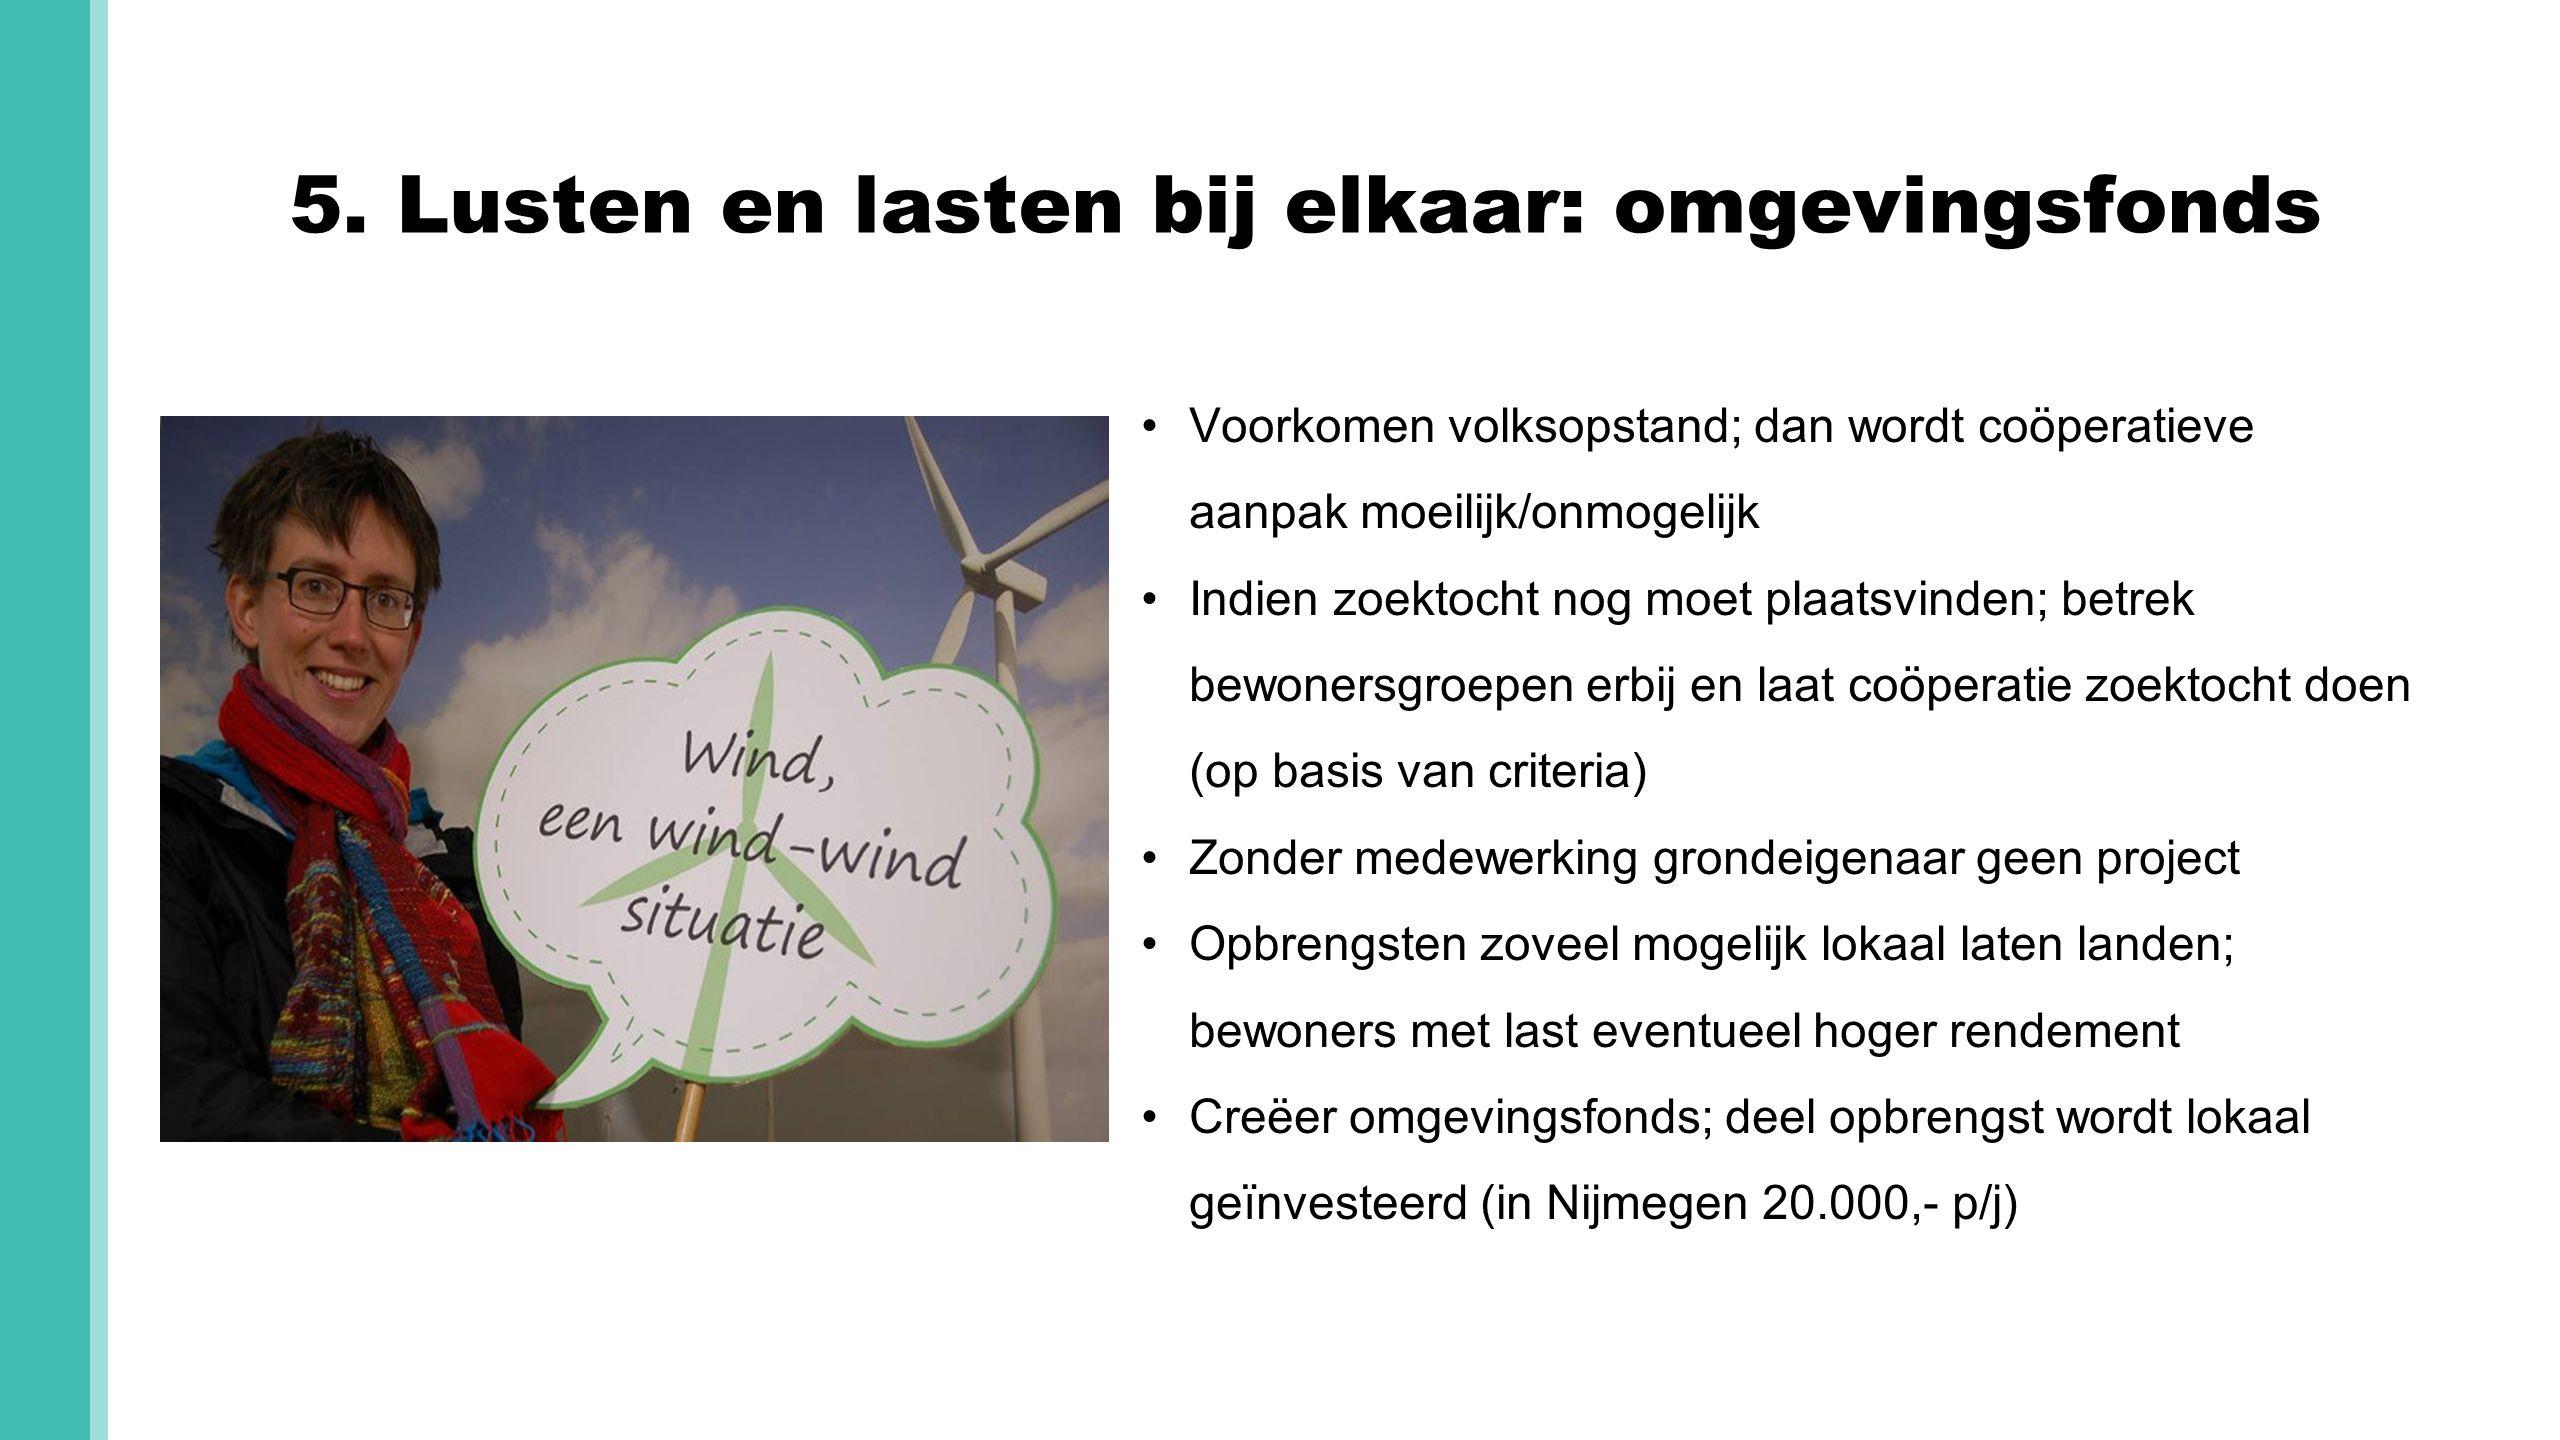 5.Lusten en lasten bij elkaar: omgevingsfonds Hoe eenvoudigein vorm, hoe beter.